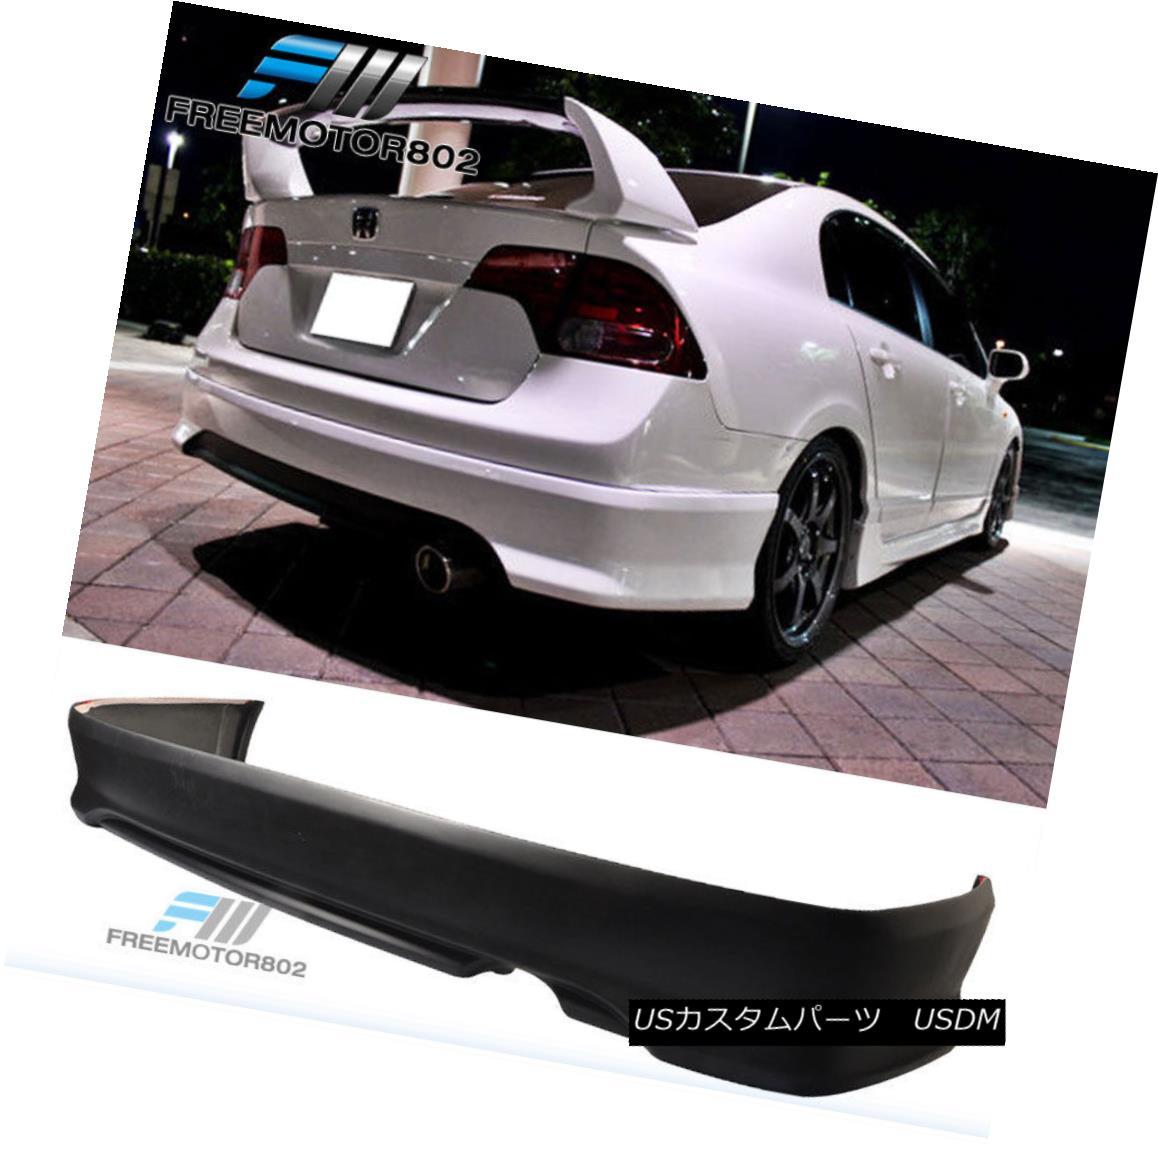 エアロパーツ For 06-11 Honda Civic Sedan HFP Rear Bumper Lip Spoiler PU 06-11ホンダシビックセダンHFPリアバンパーリップスポイラーPU